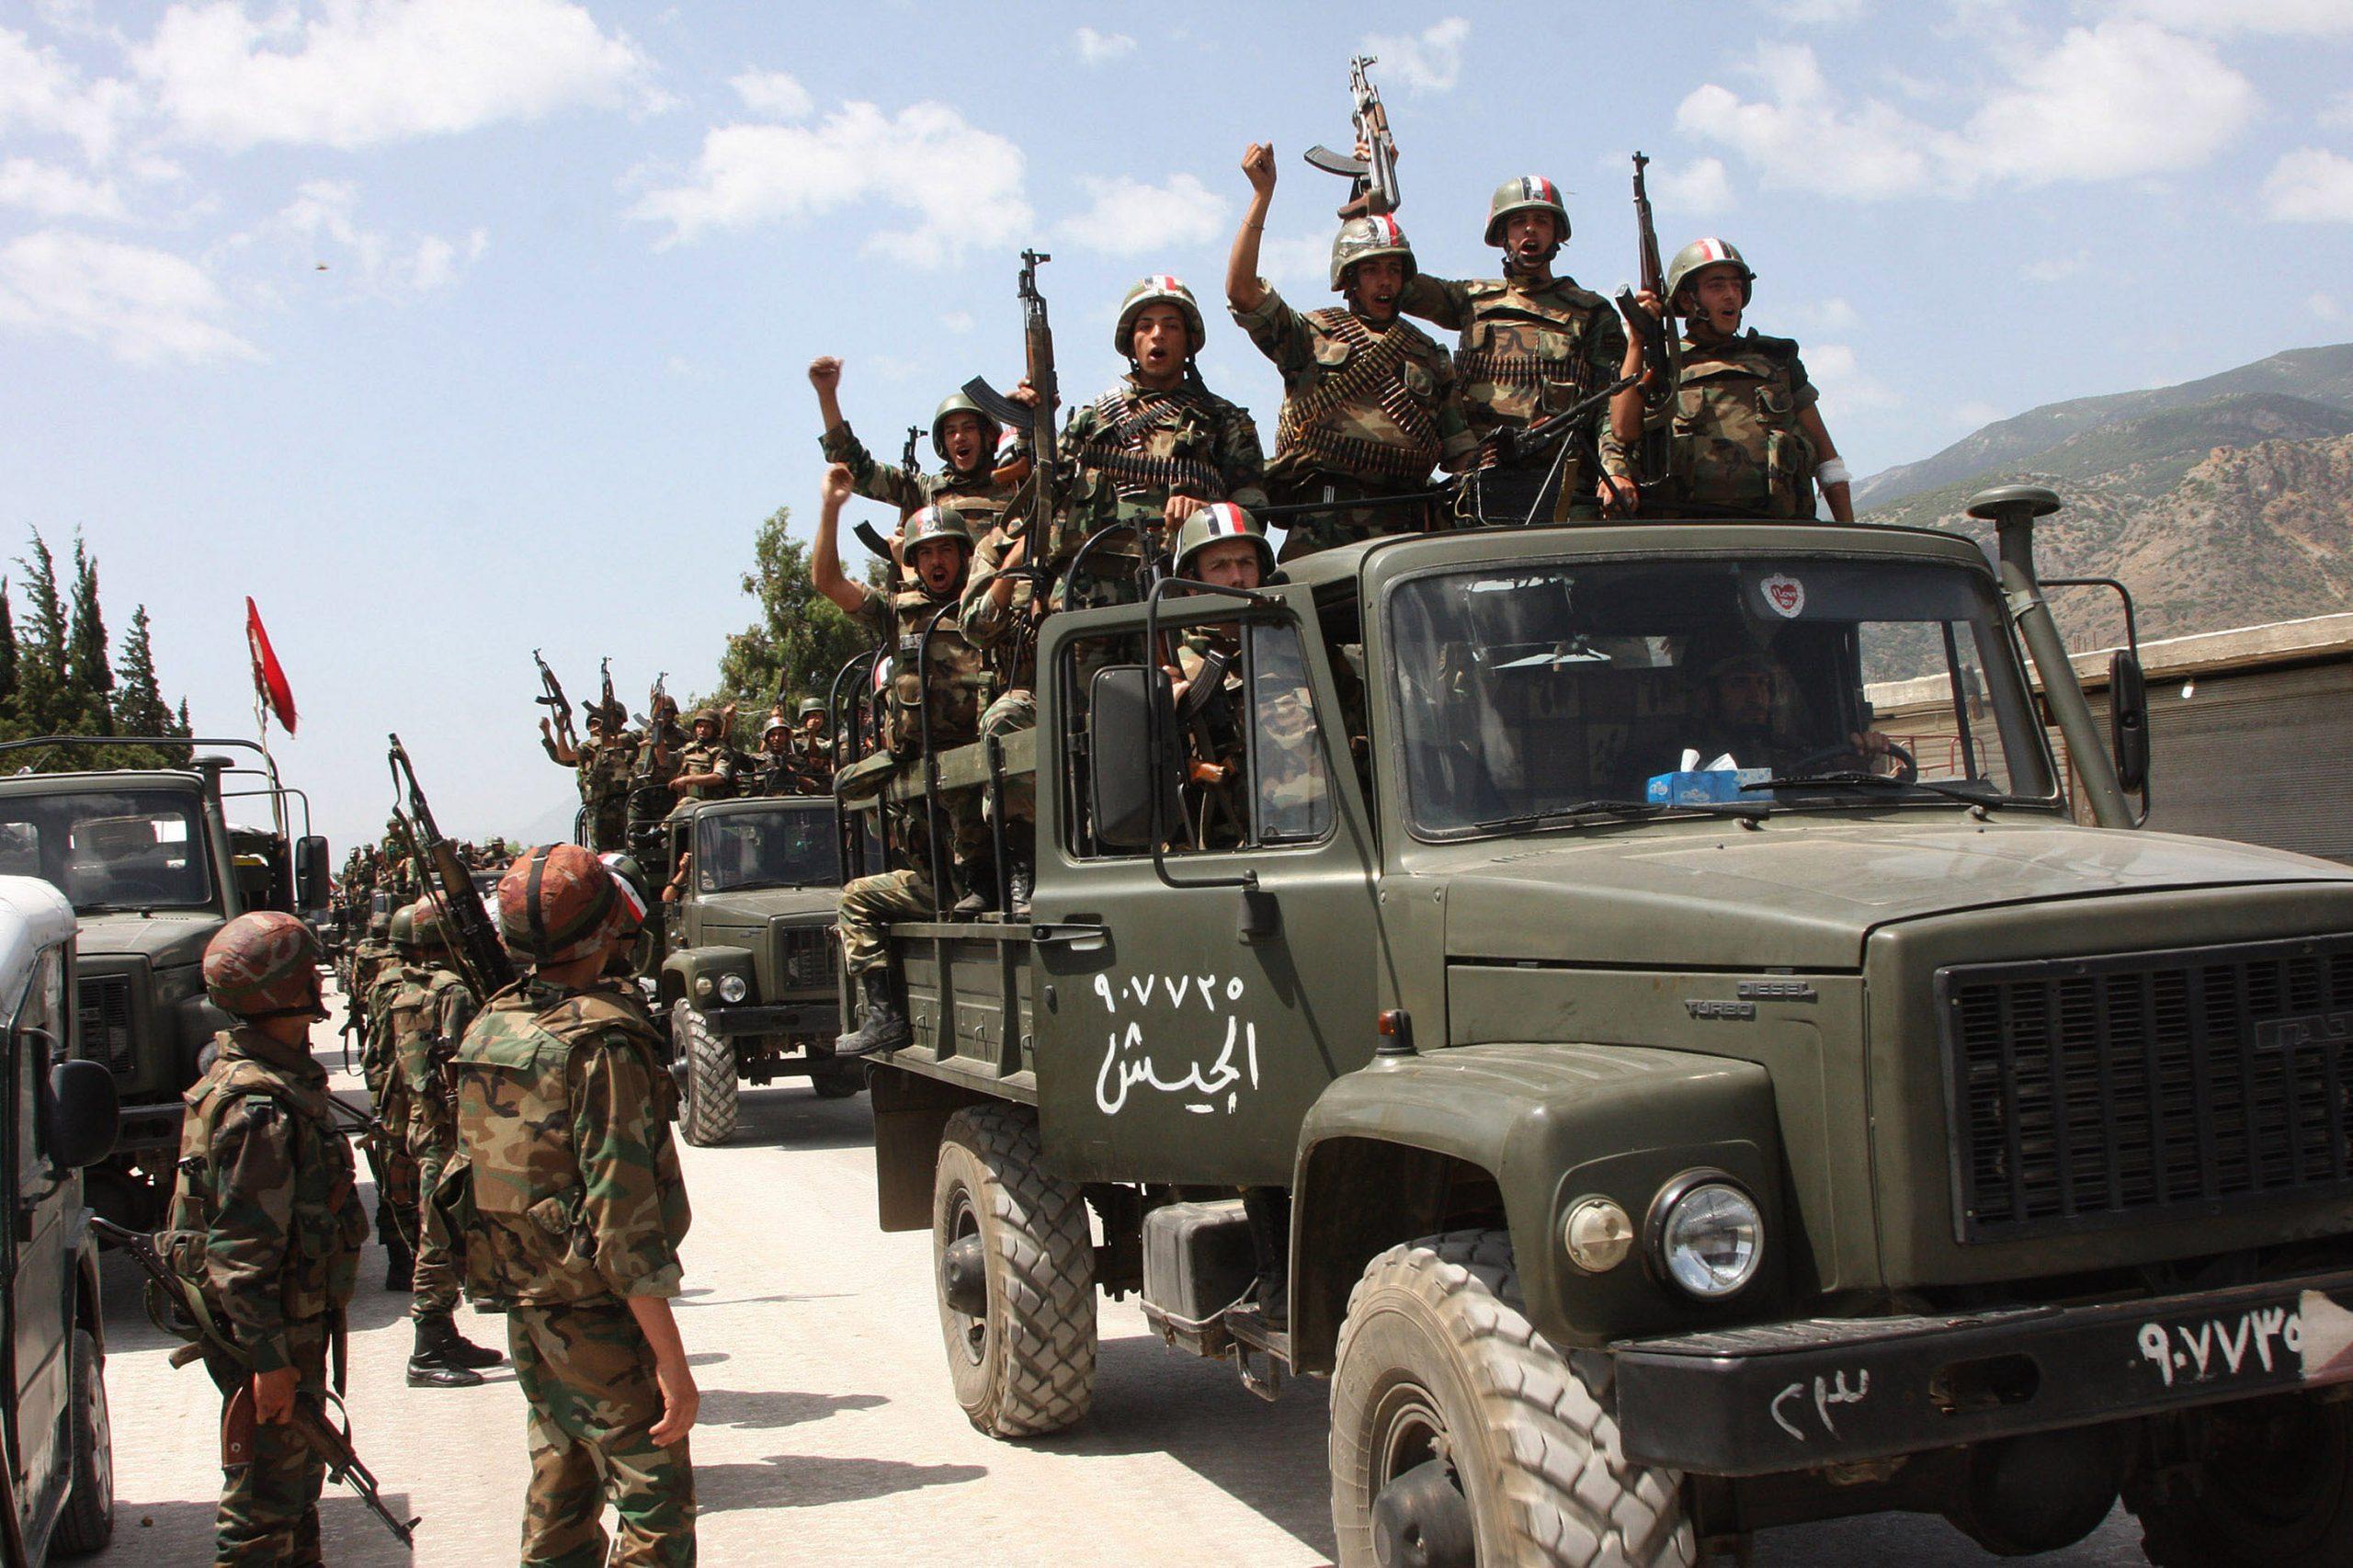 خاص   الفرقة الرابعة تكثف من عمليات التجنيد غربي دمشق.. وتحصل لجيوبها ملايين الليرات السورية